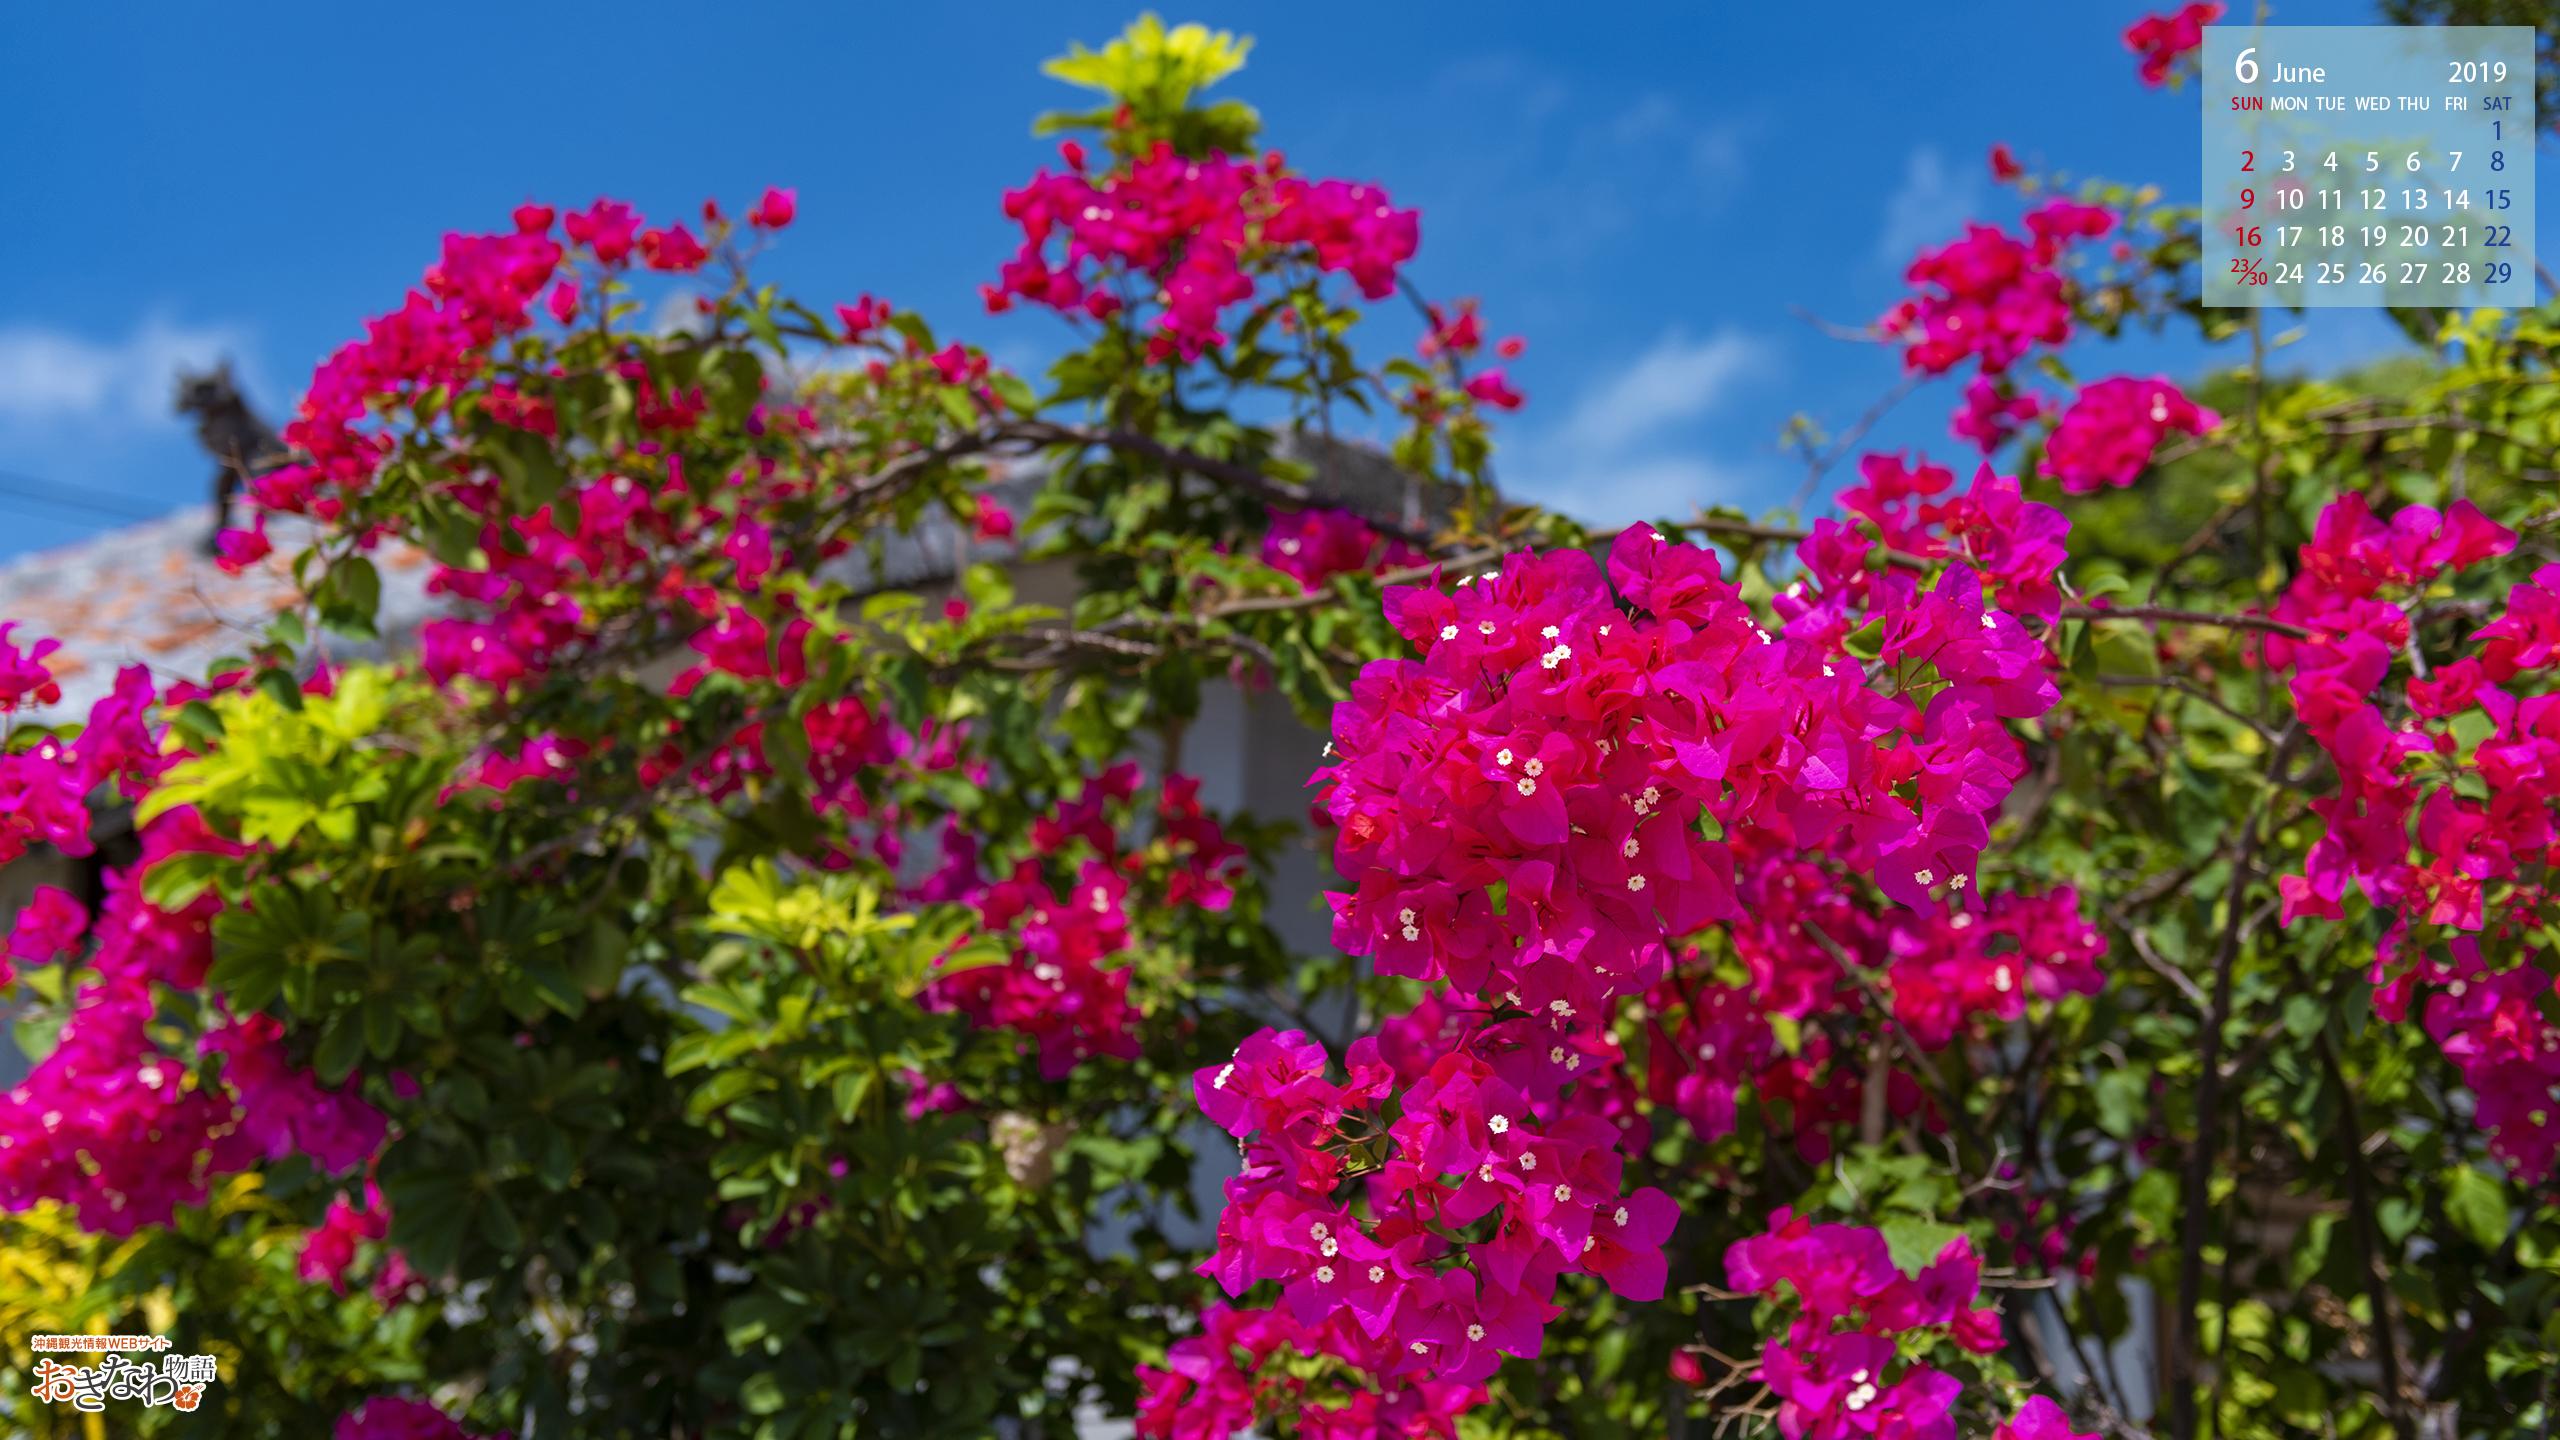 6月の壁紙カレンダー お知らせ トピックス 沖縄観光情報webサイト おきなわ物語